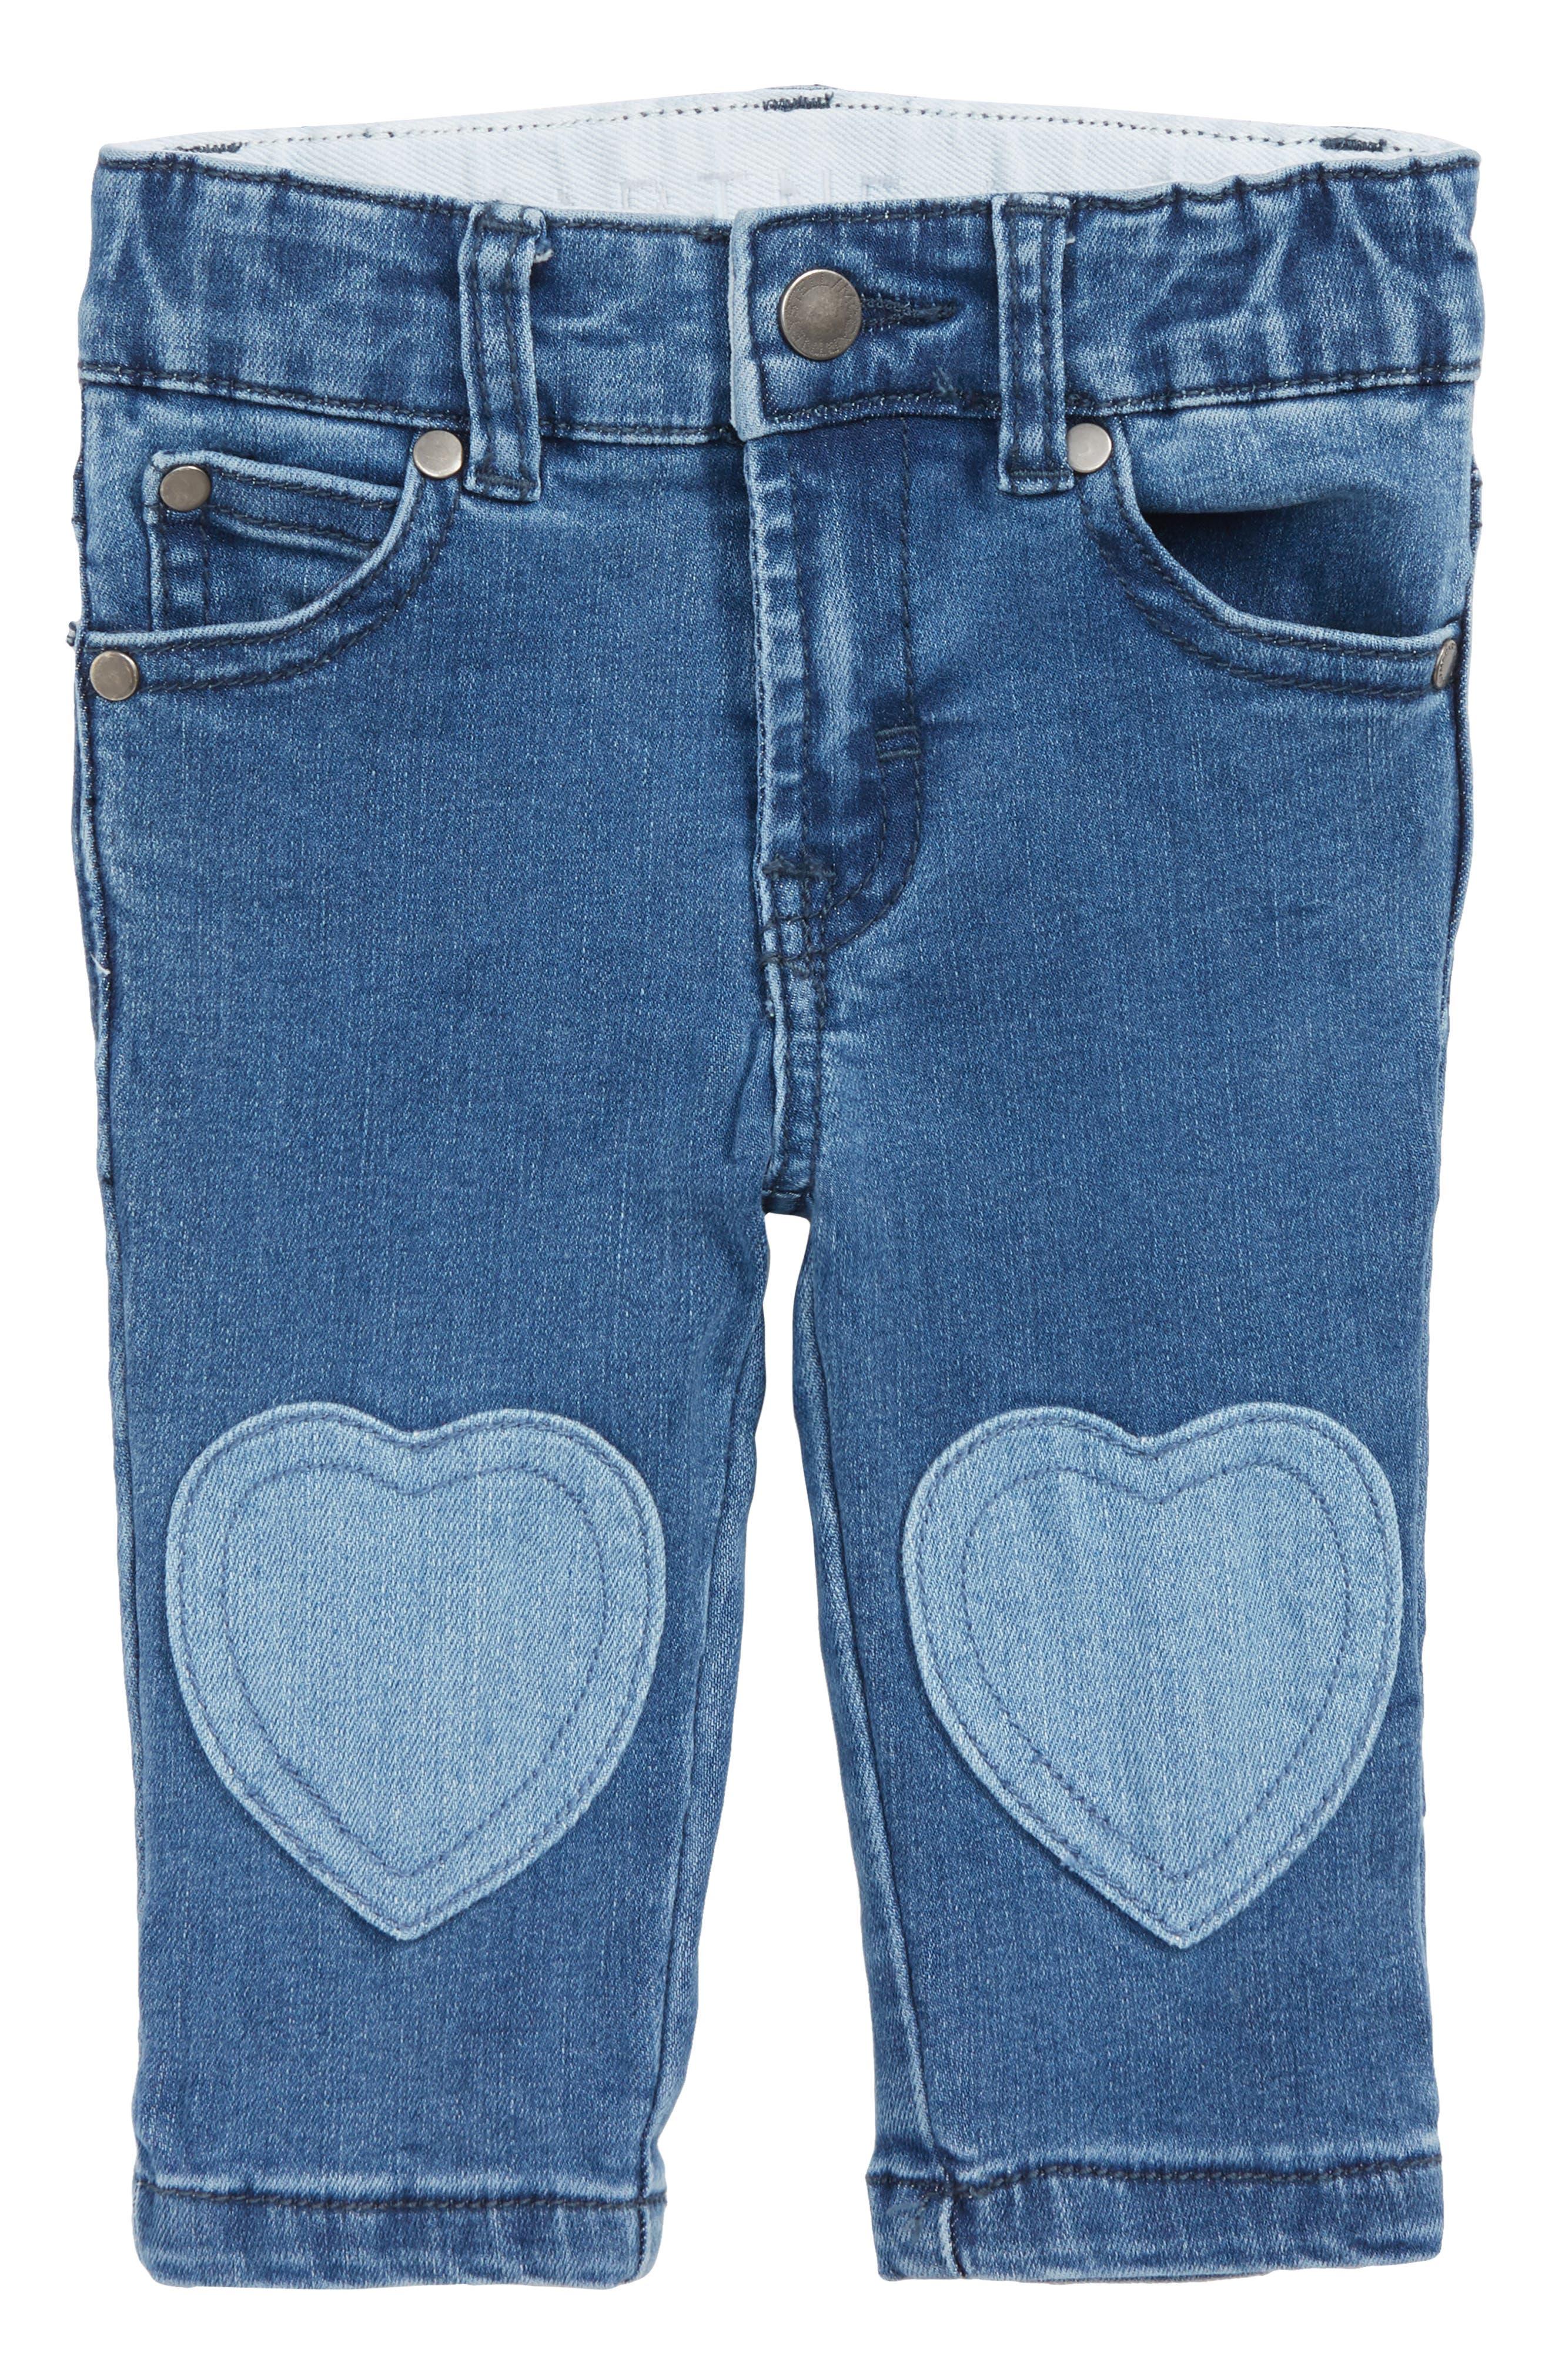 Bob Heart Patch Jeans,                         Main,                         color, BLUE